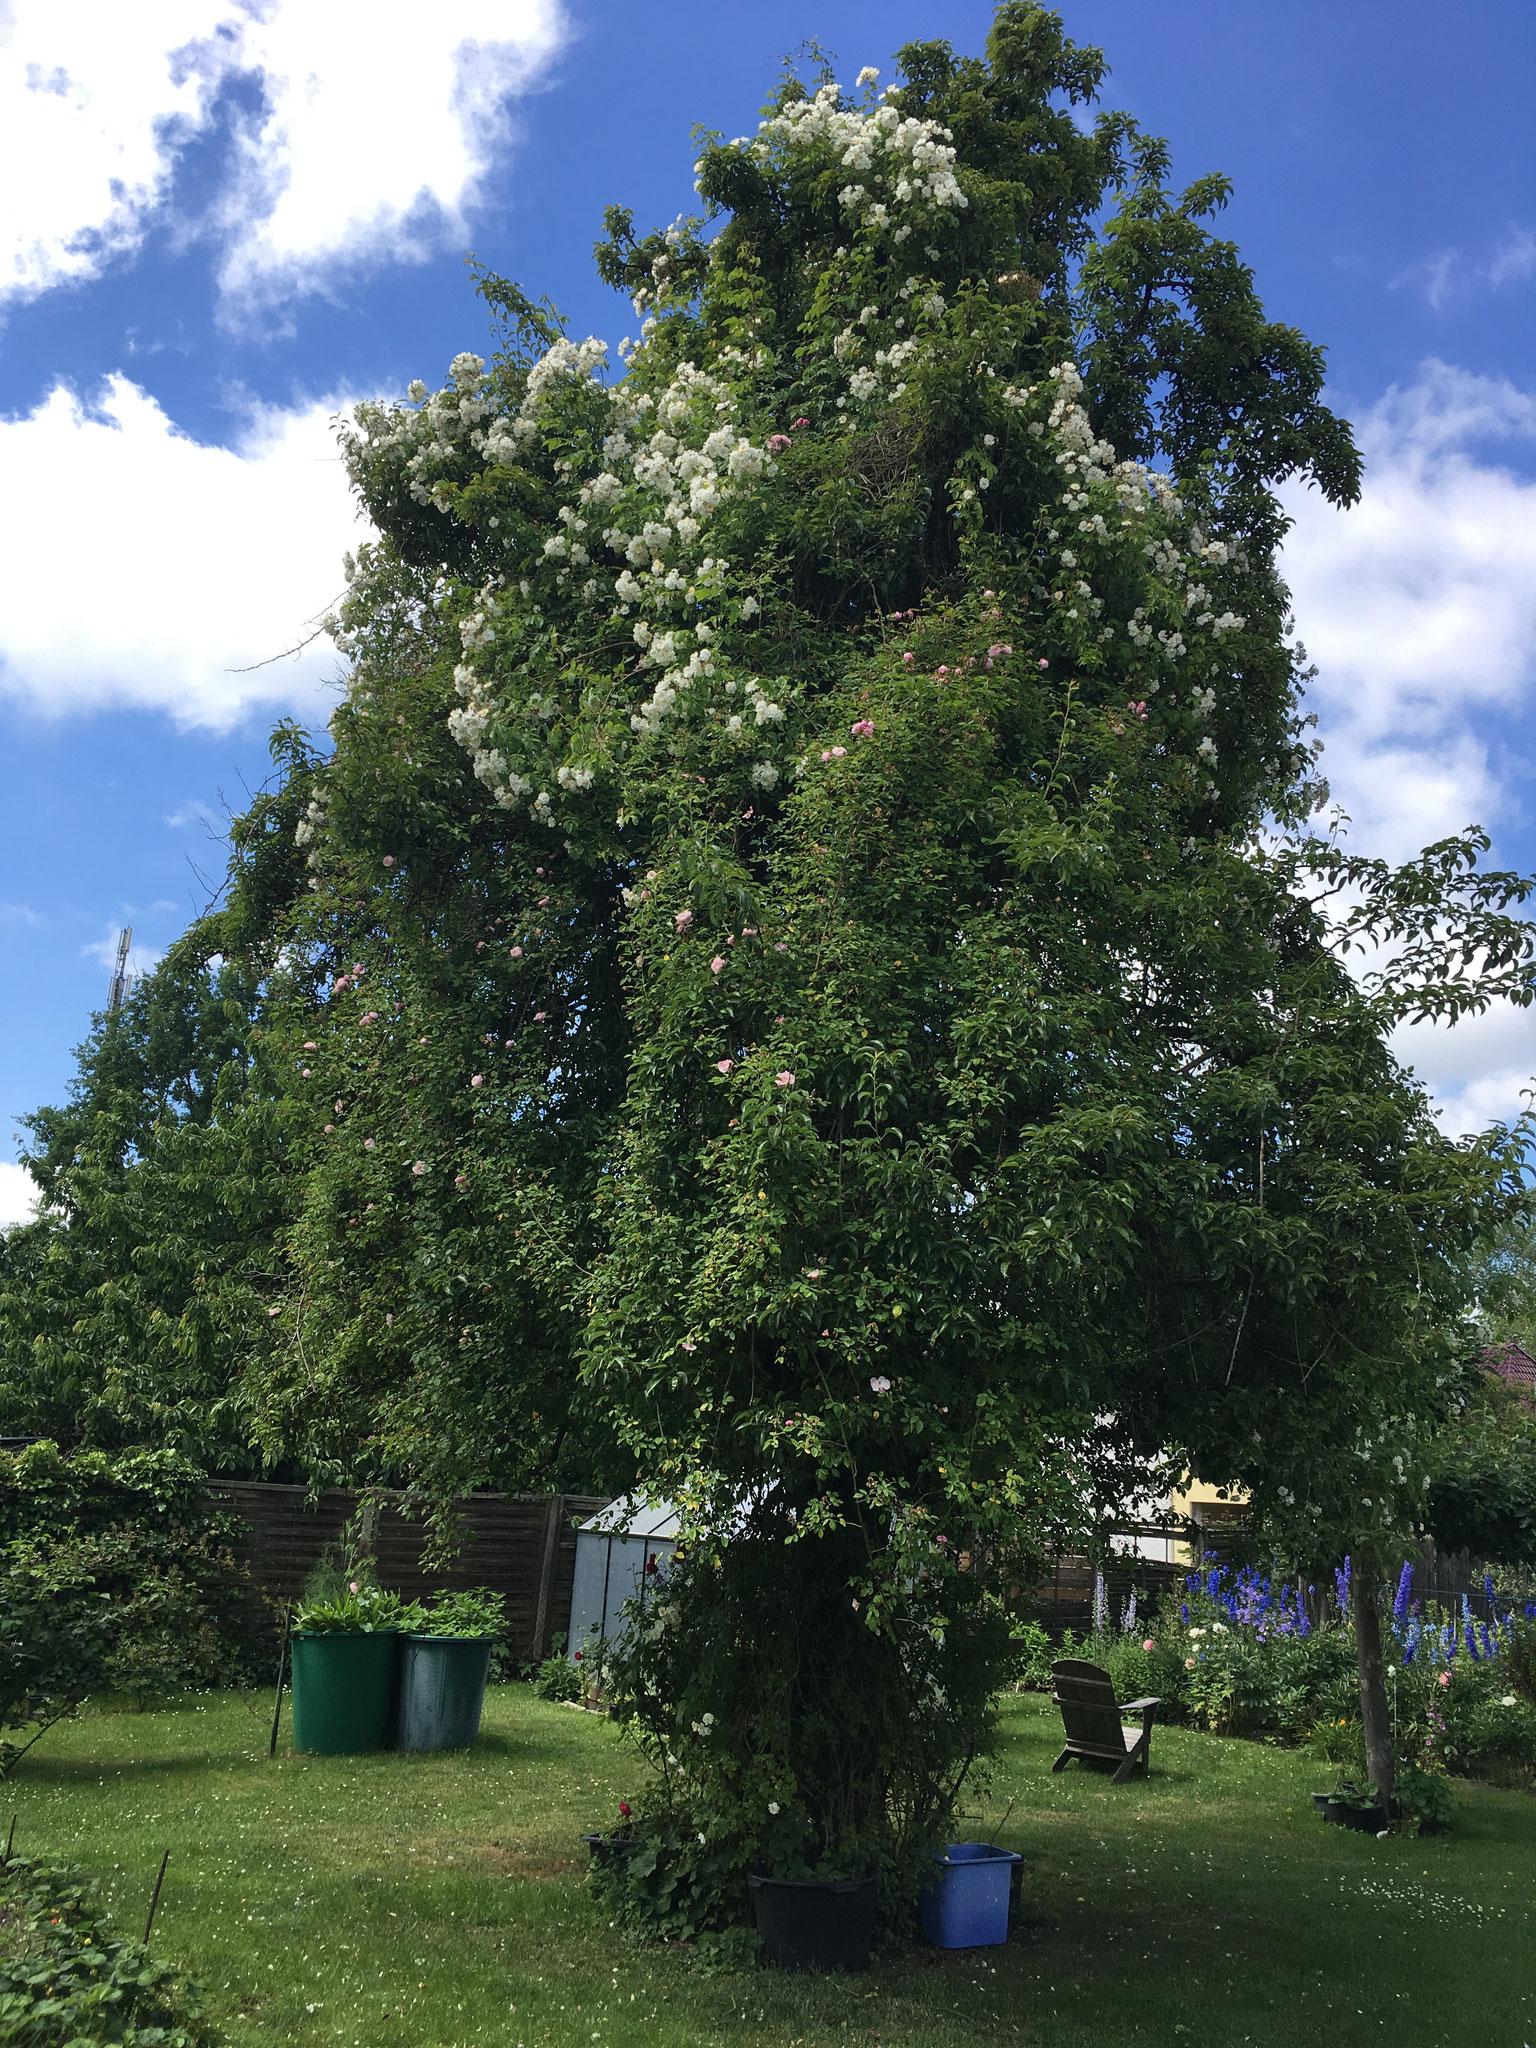 Rambler Ayrshire Queen und Filipes Kiftgate im Birnbaum